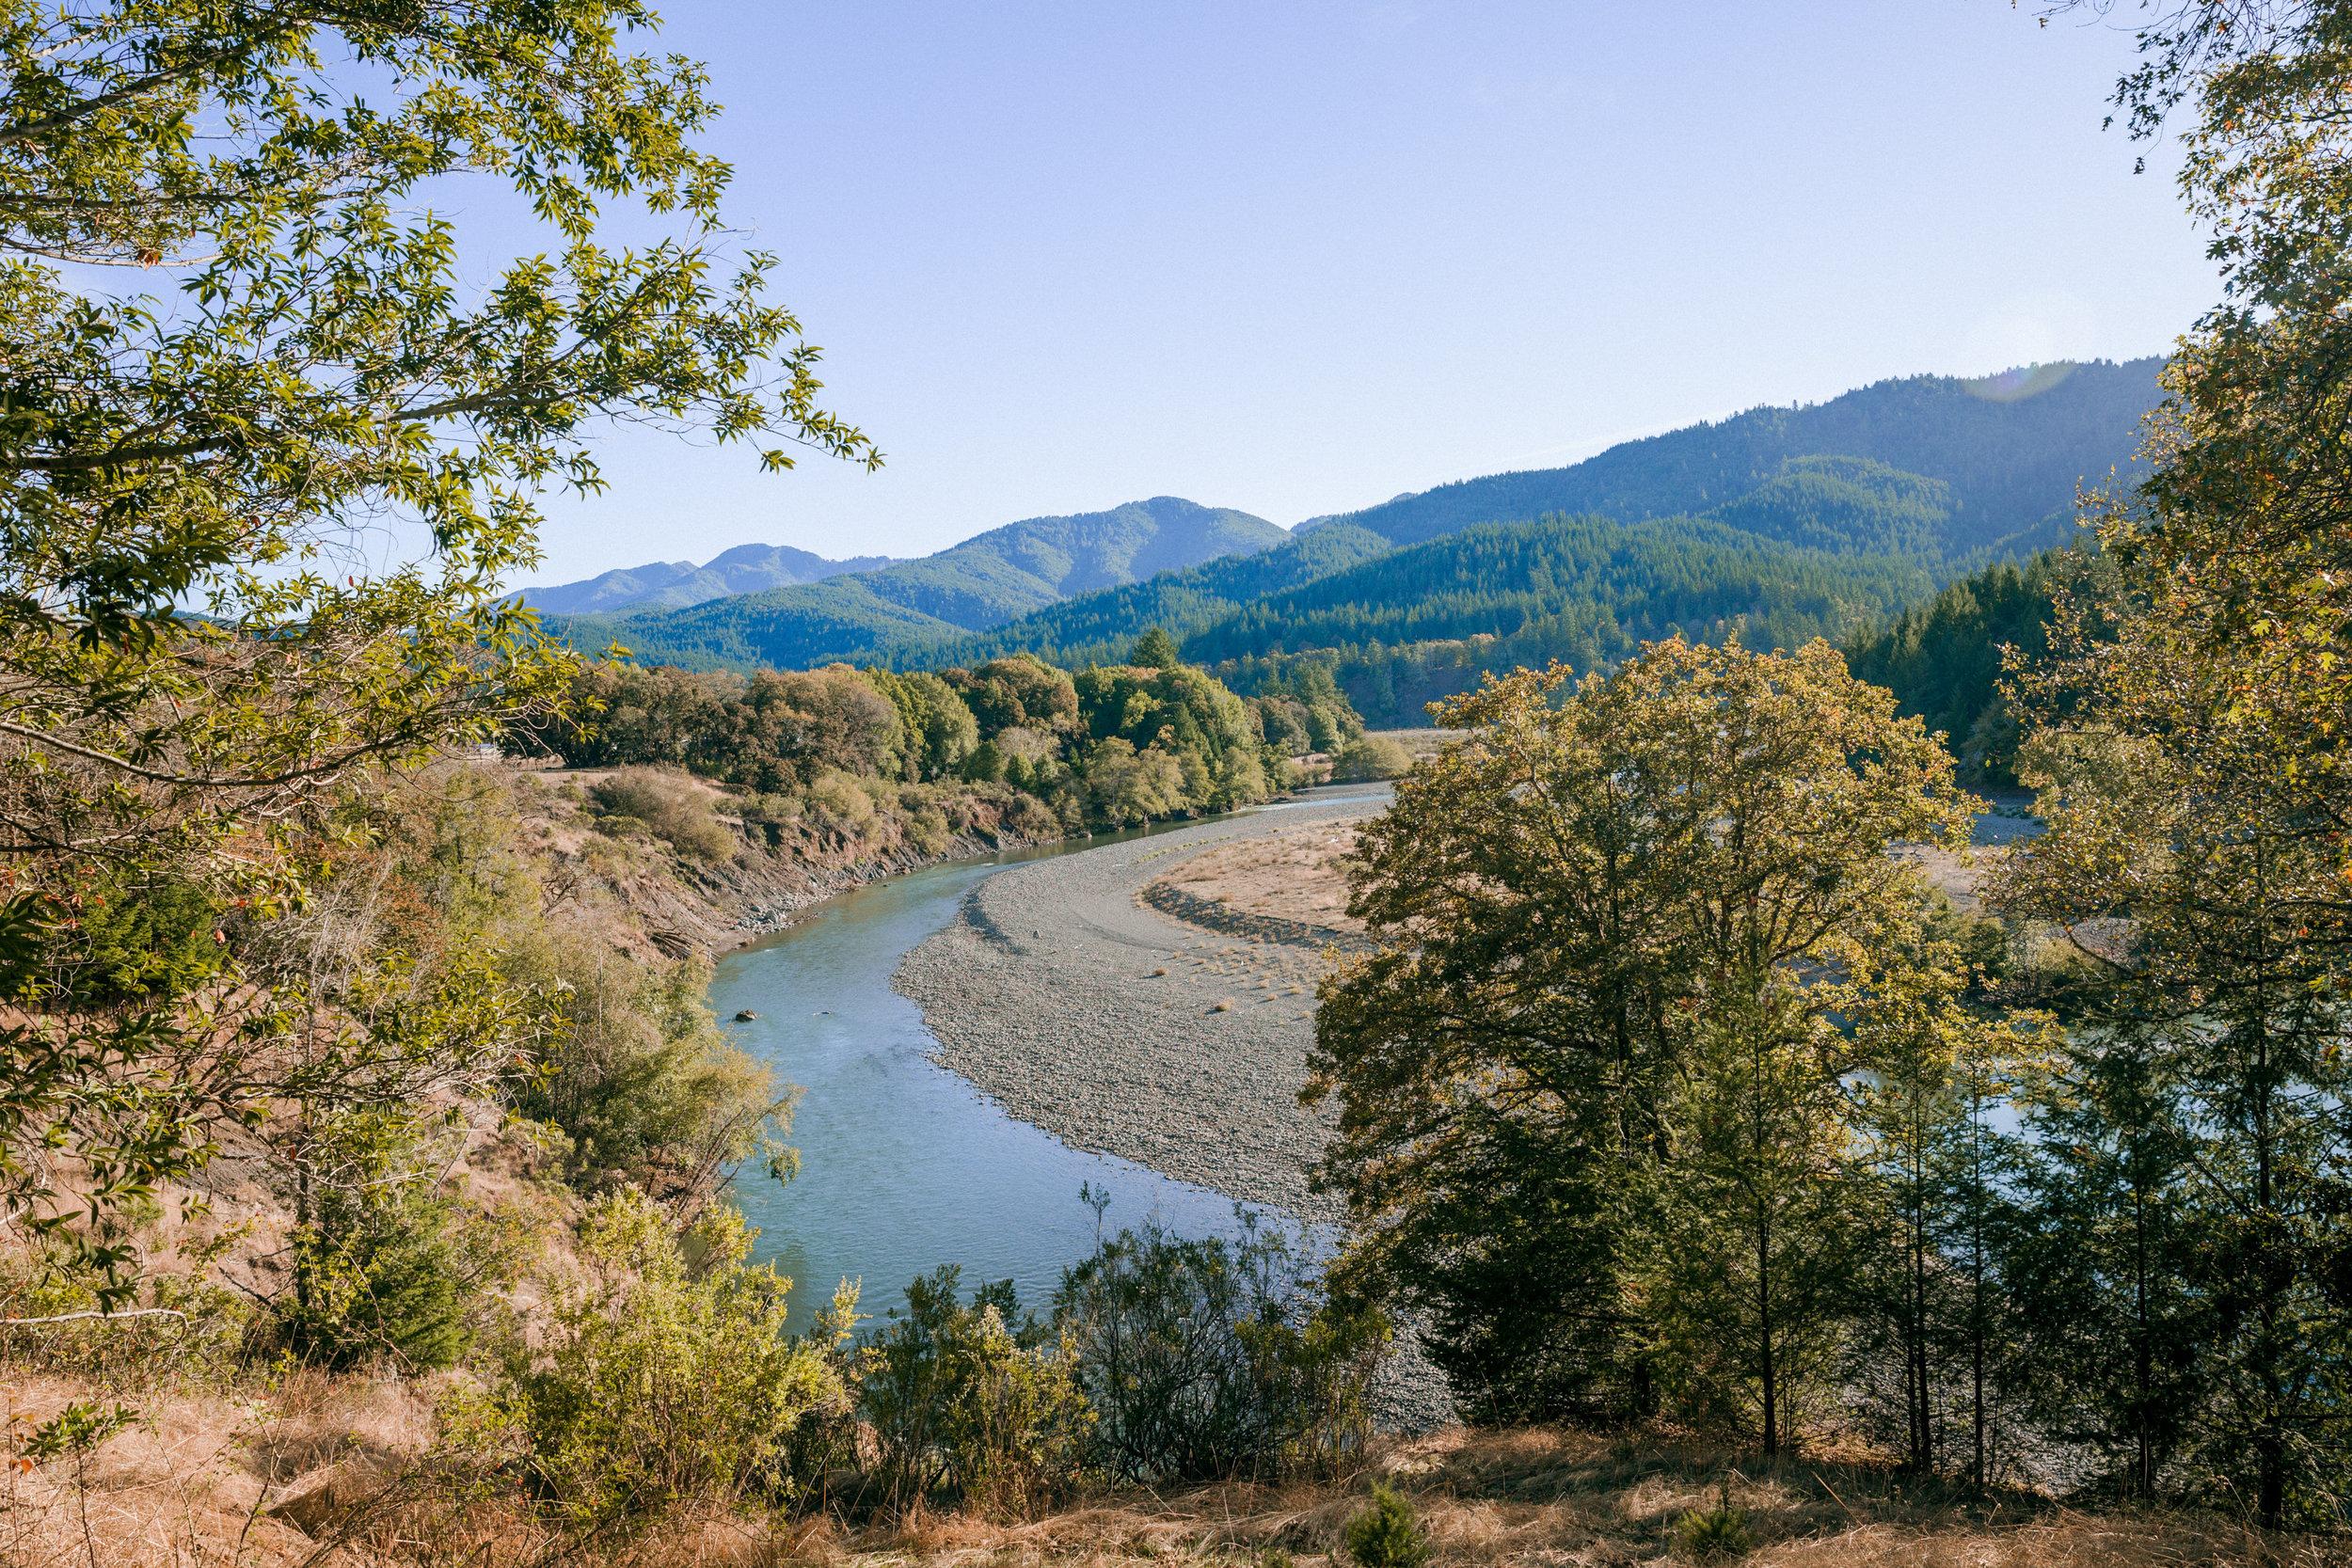 The Mattole River from Winterbourne Farm.